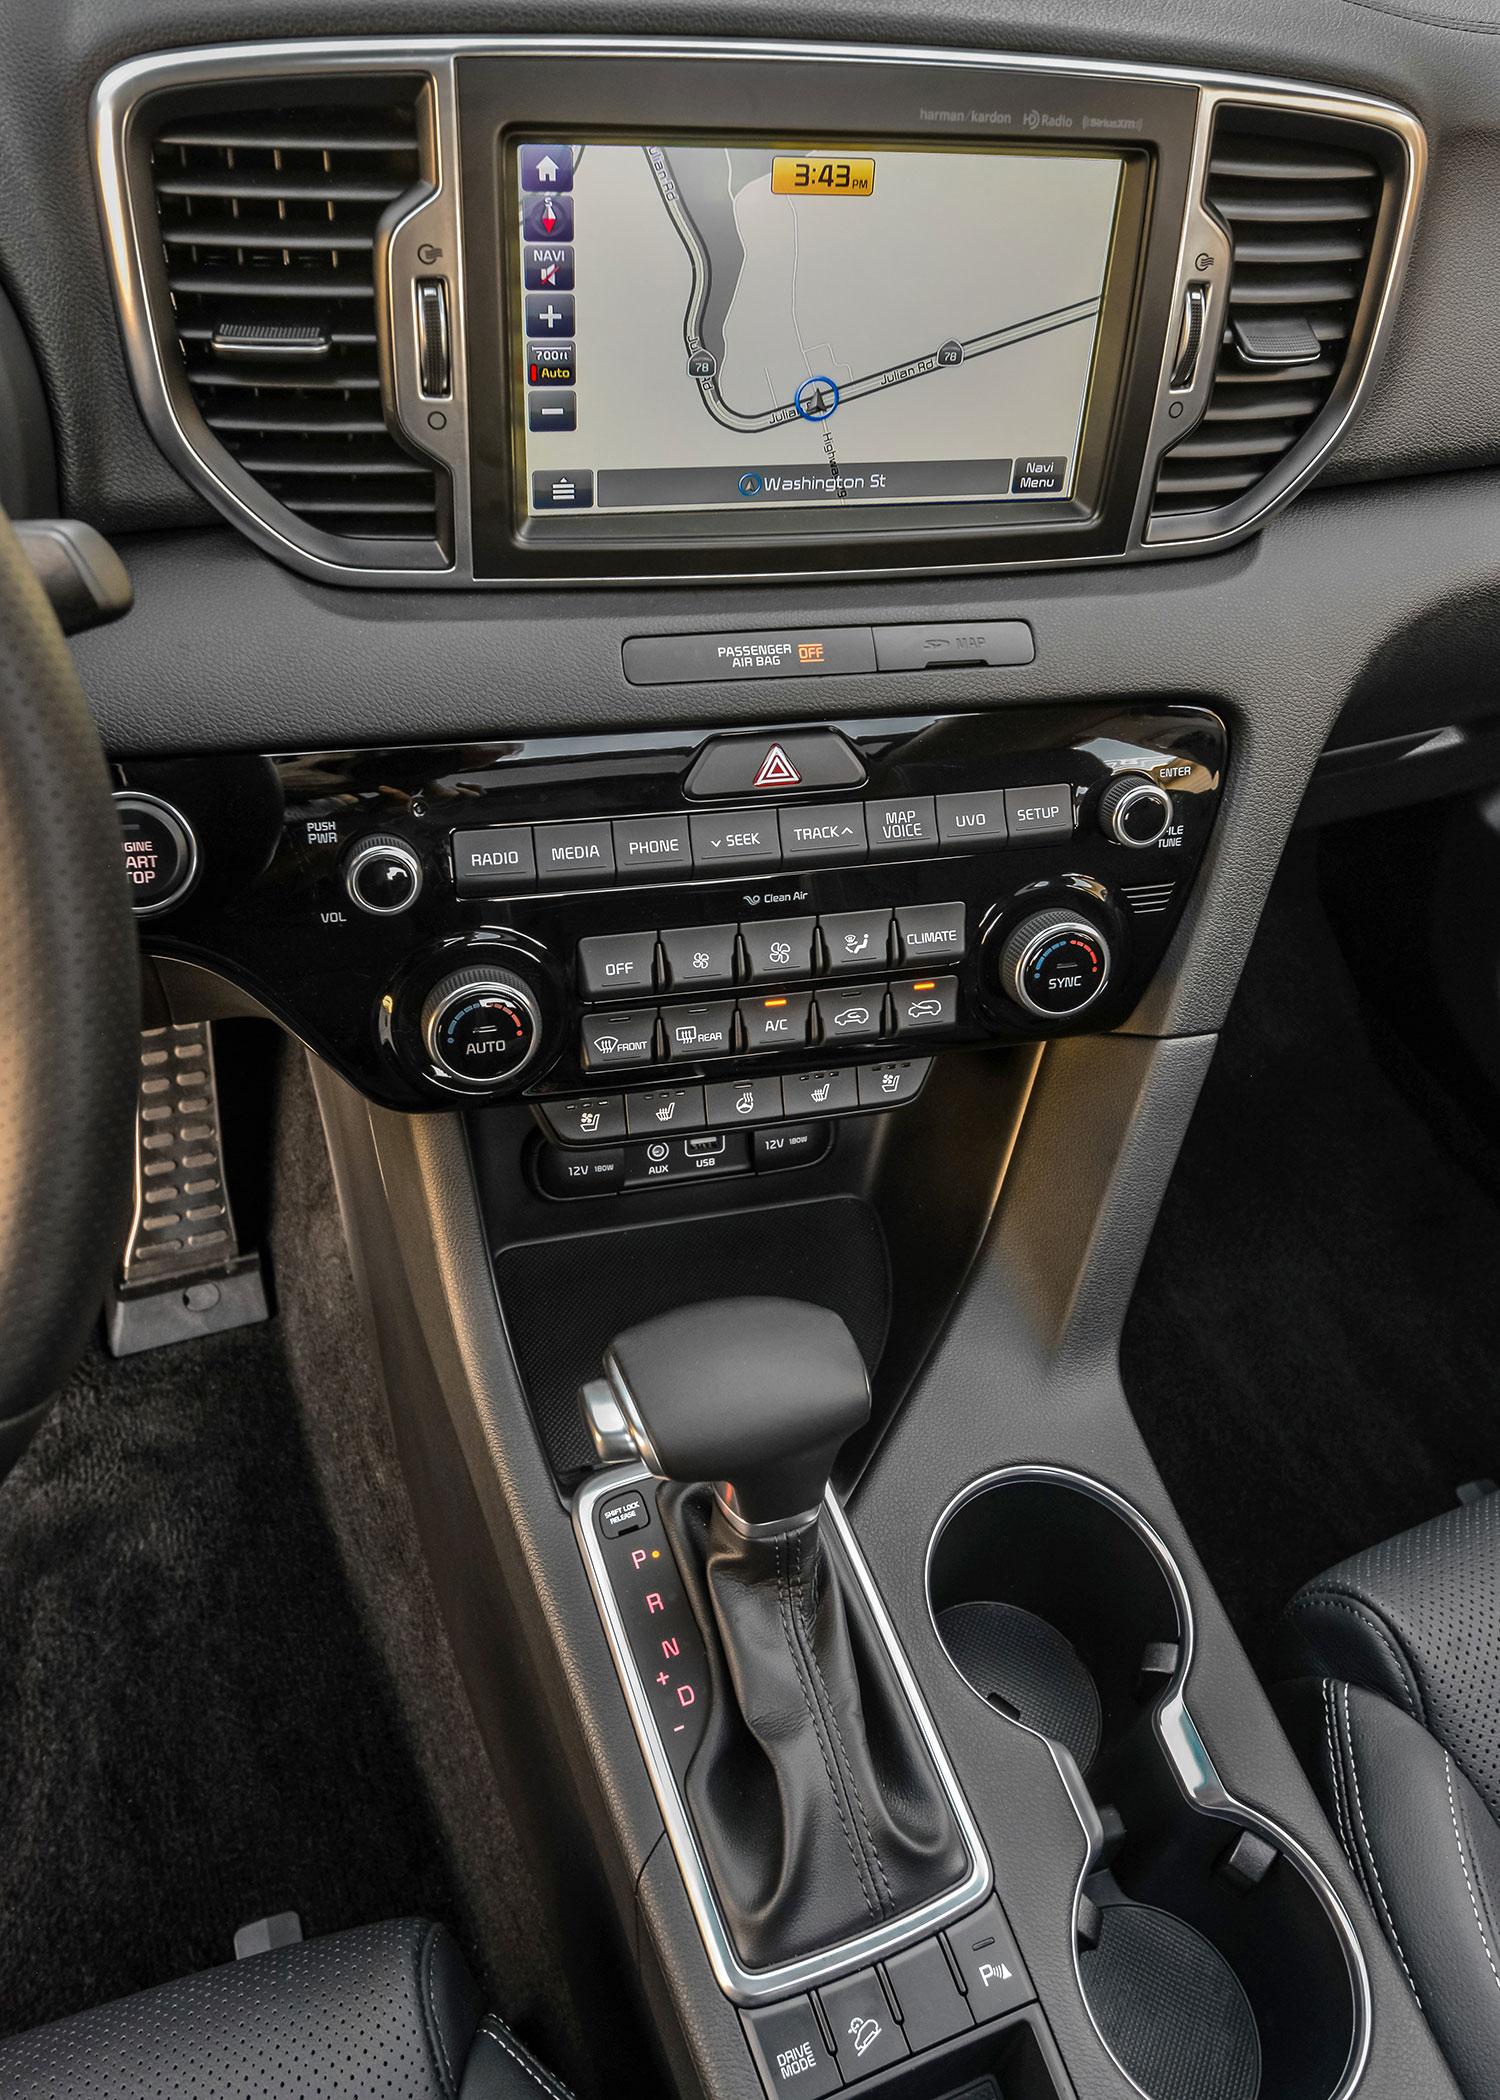 2017 Kia Sportage Sx Turbo Review